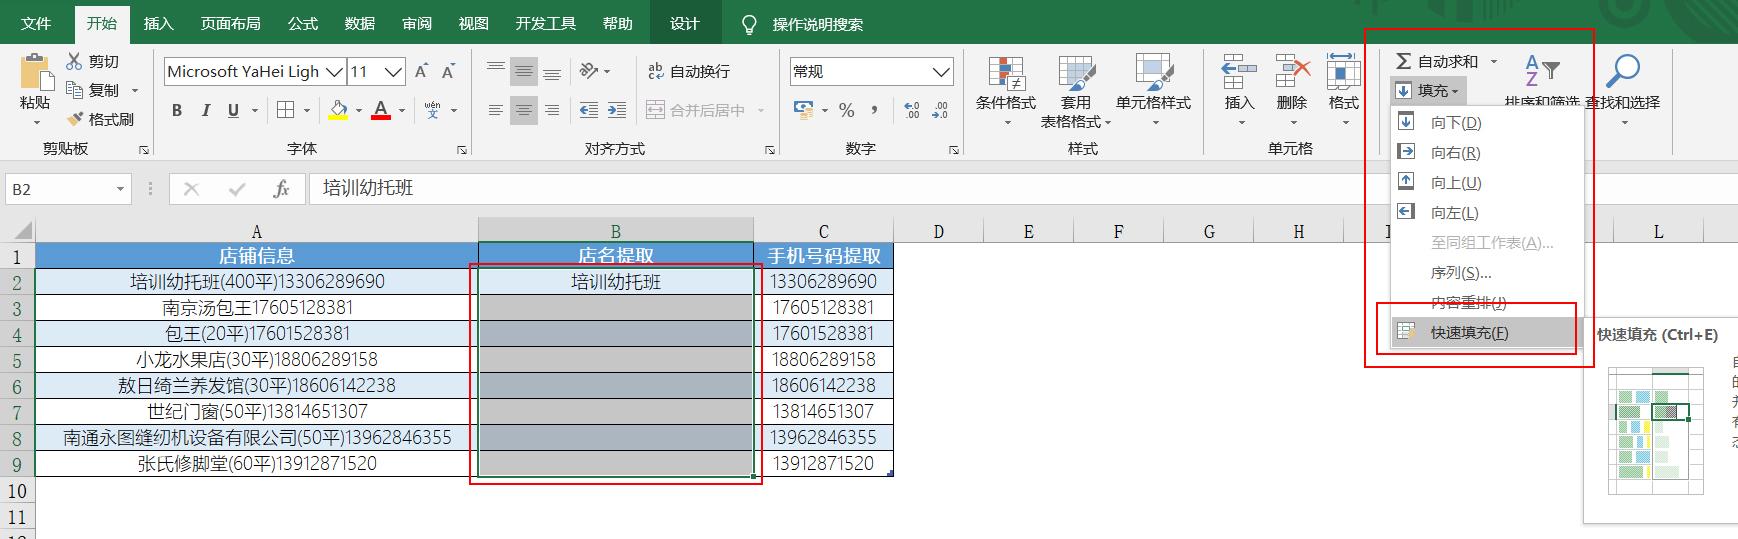 excel提取单元格中的部分内容,绝对有用的快捷键ctrl+e